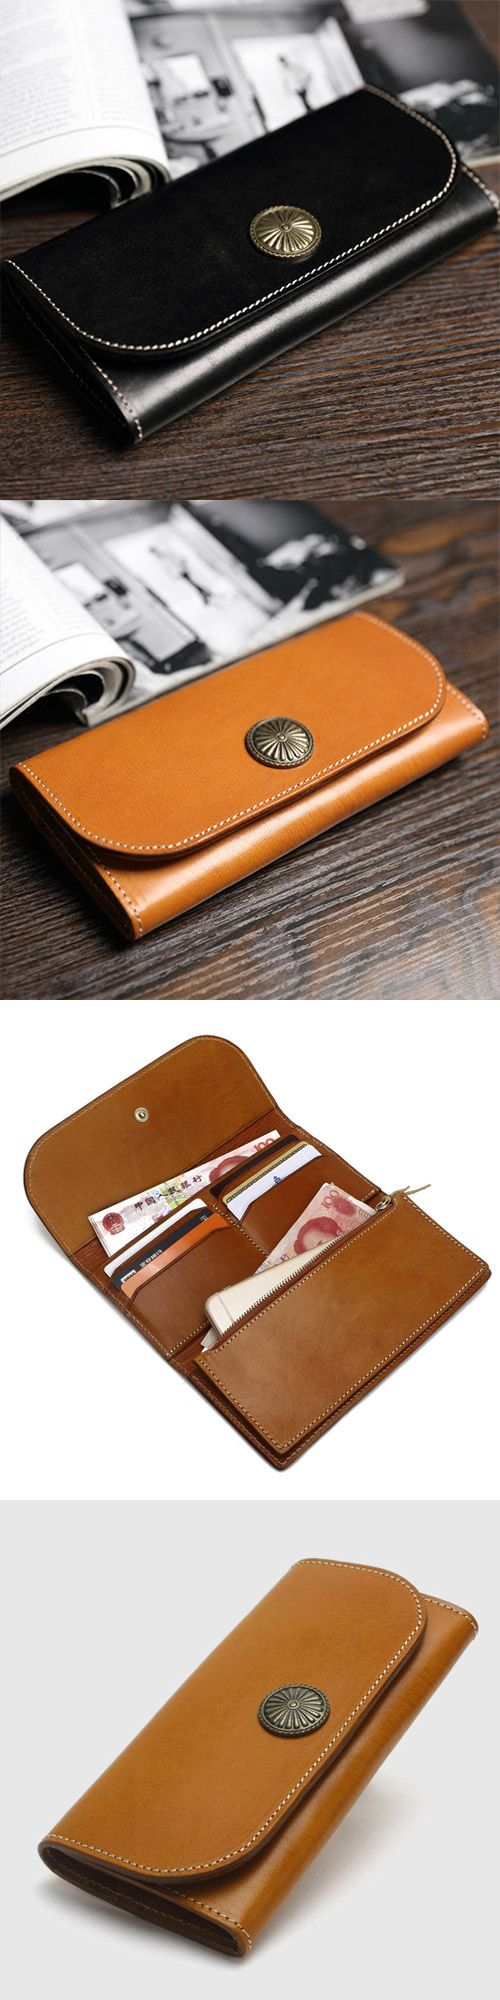 Handmade leather vintage women long multi cards wallet clutch purse wallet Women's Handbags & Wallets - http://amzn.to/2ixSkm5